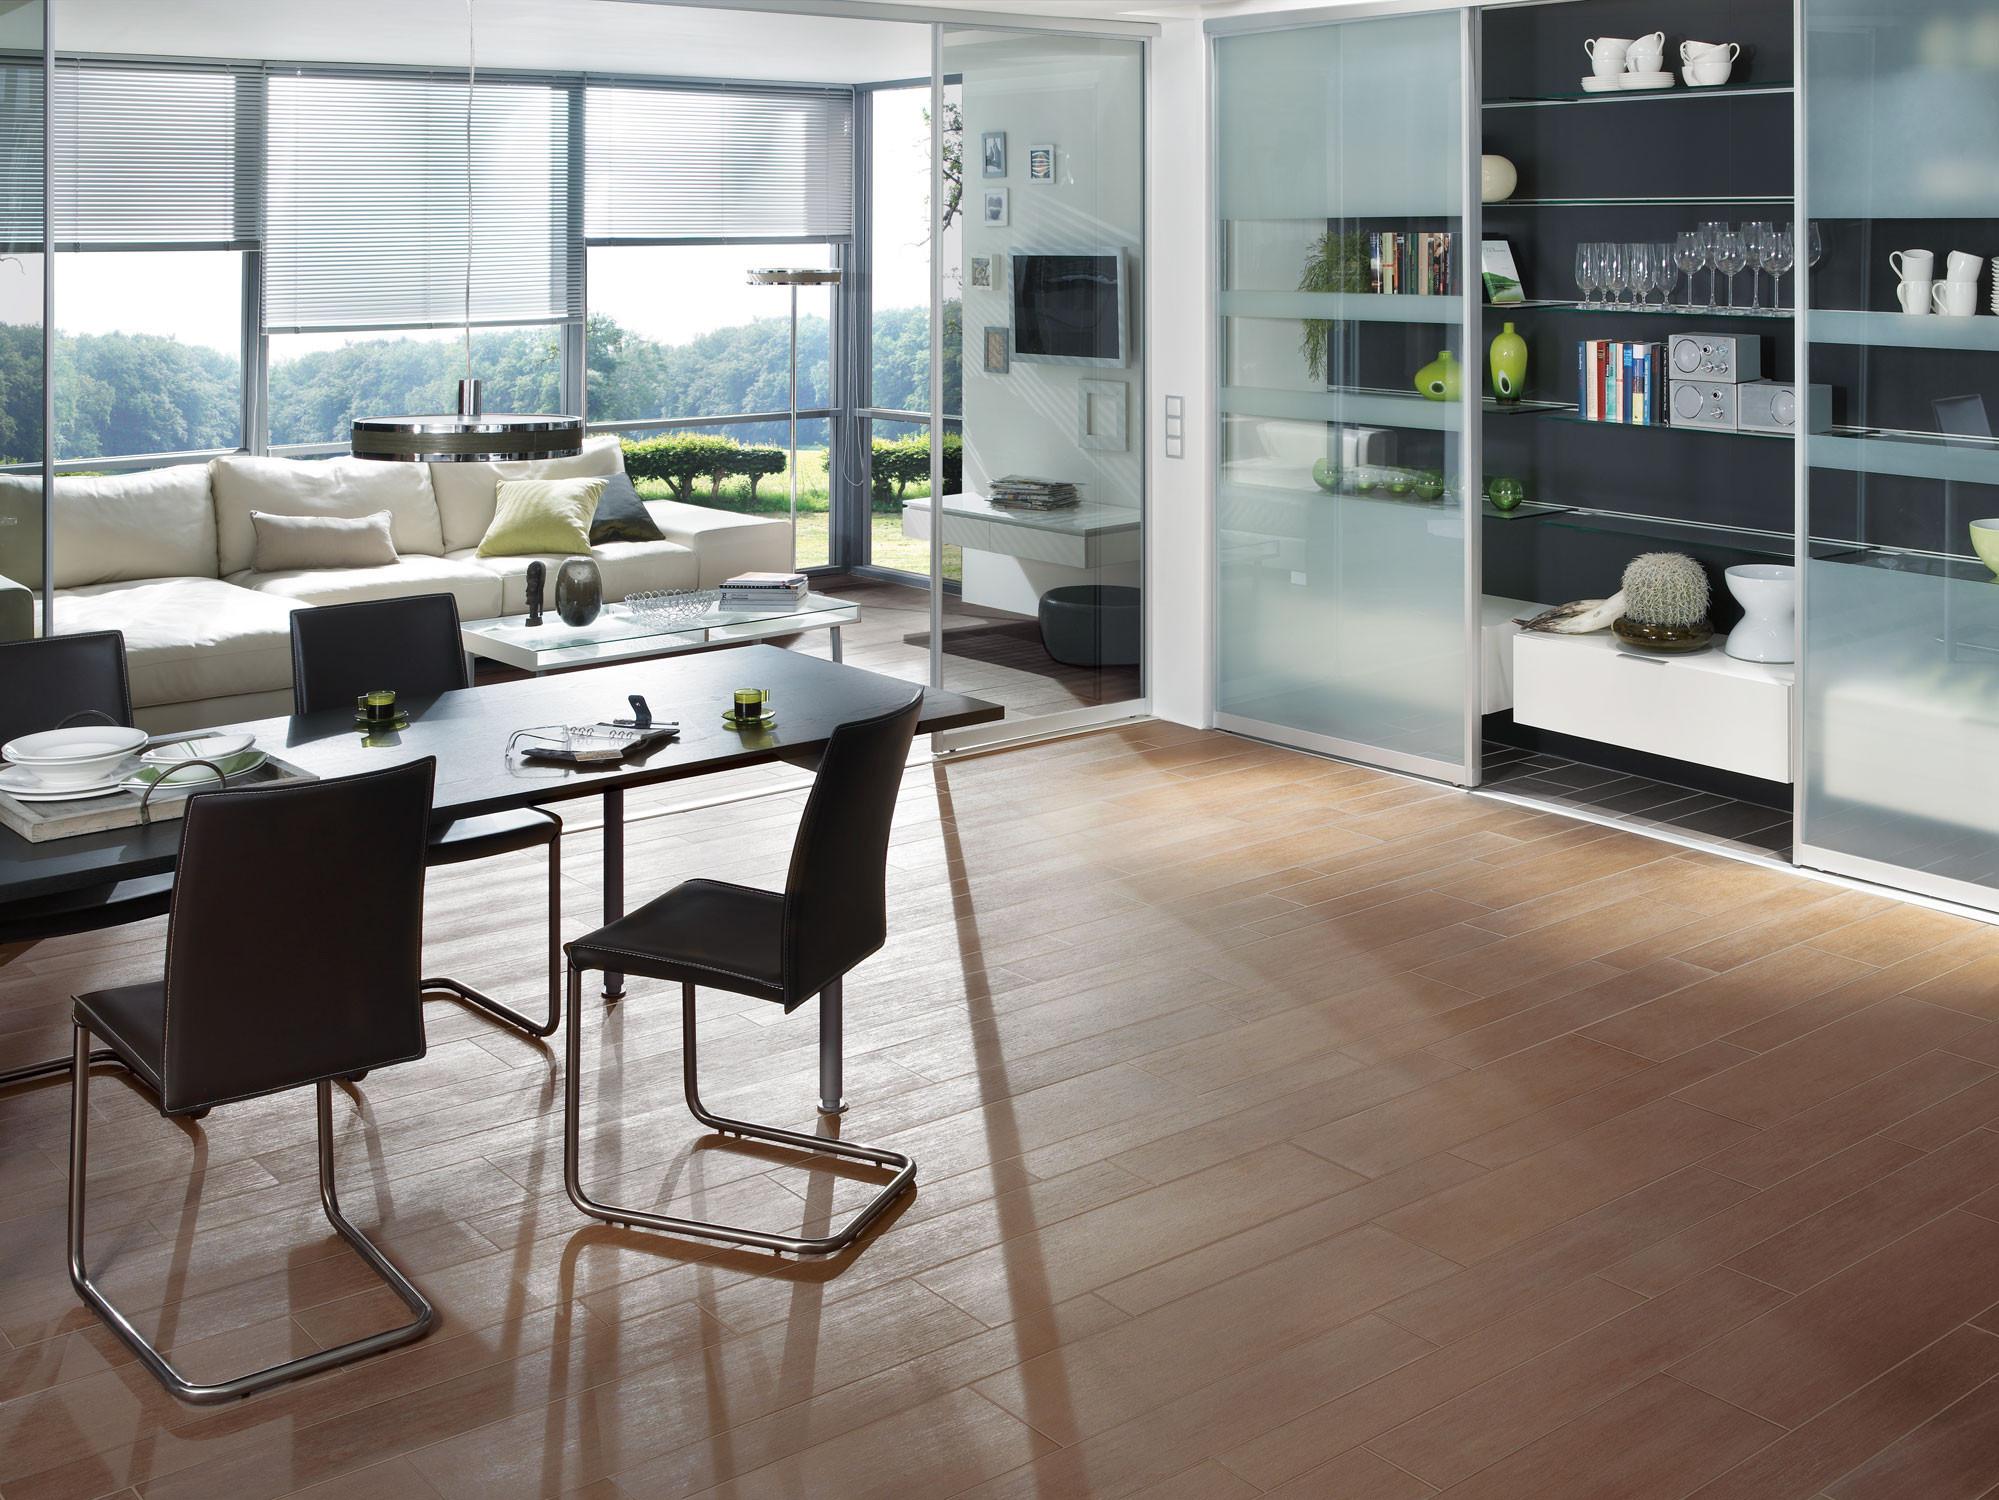 wohnr ume fliesen und platten einsatzbereiche. Black Bedroom Furniture Sets. Home Design Ideas